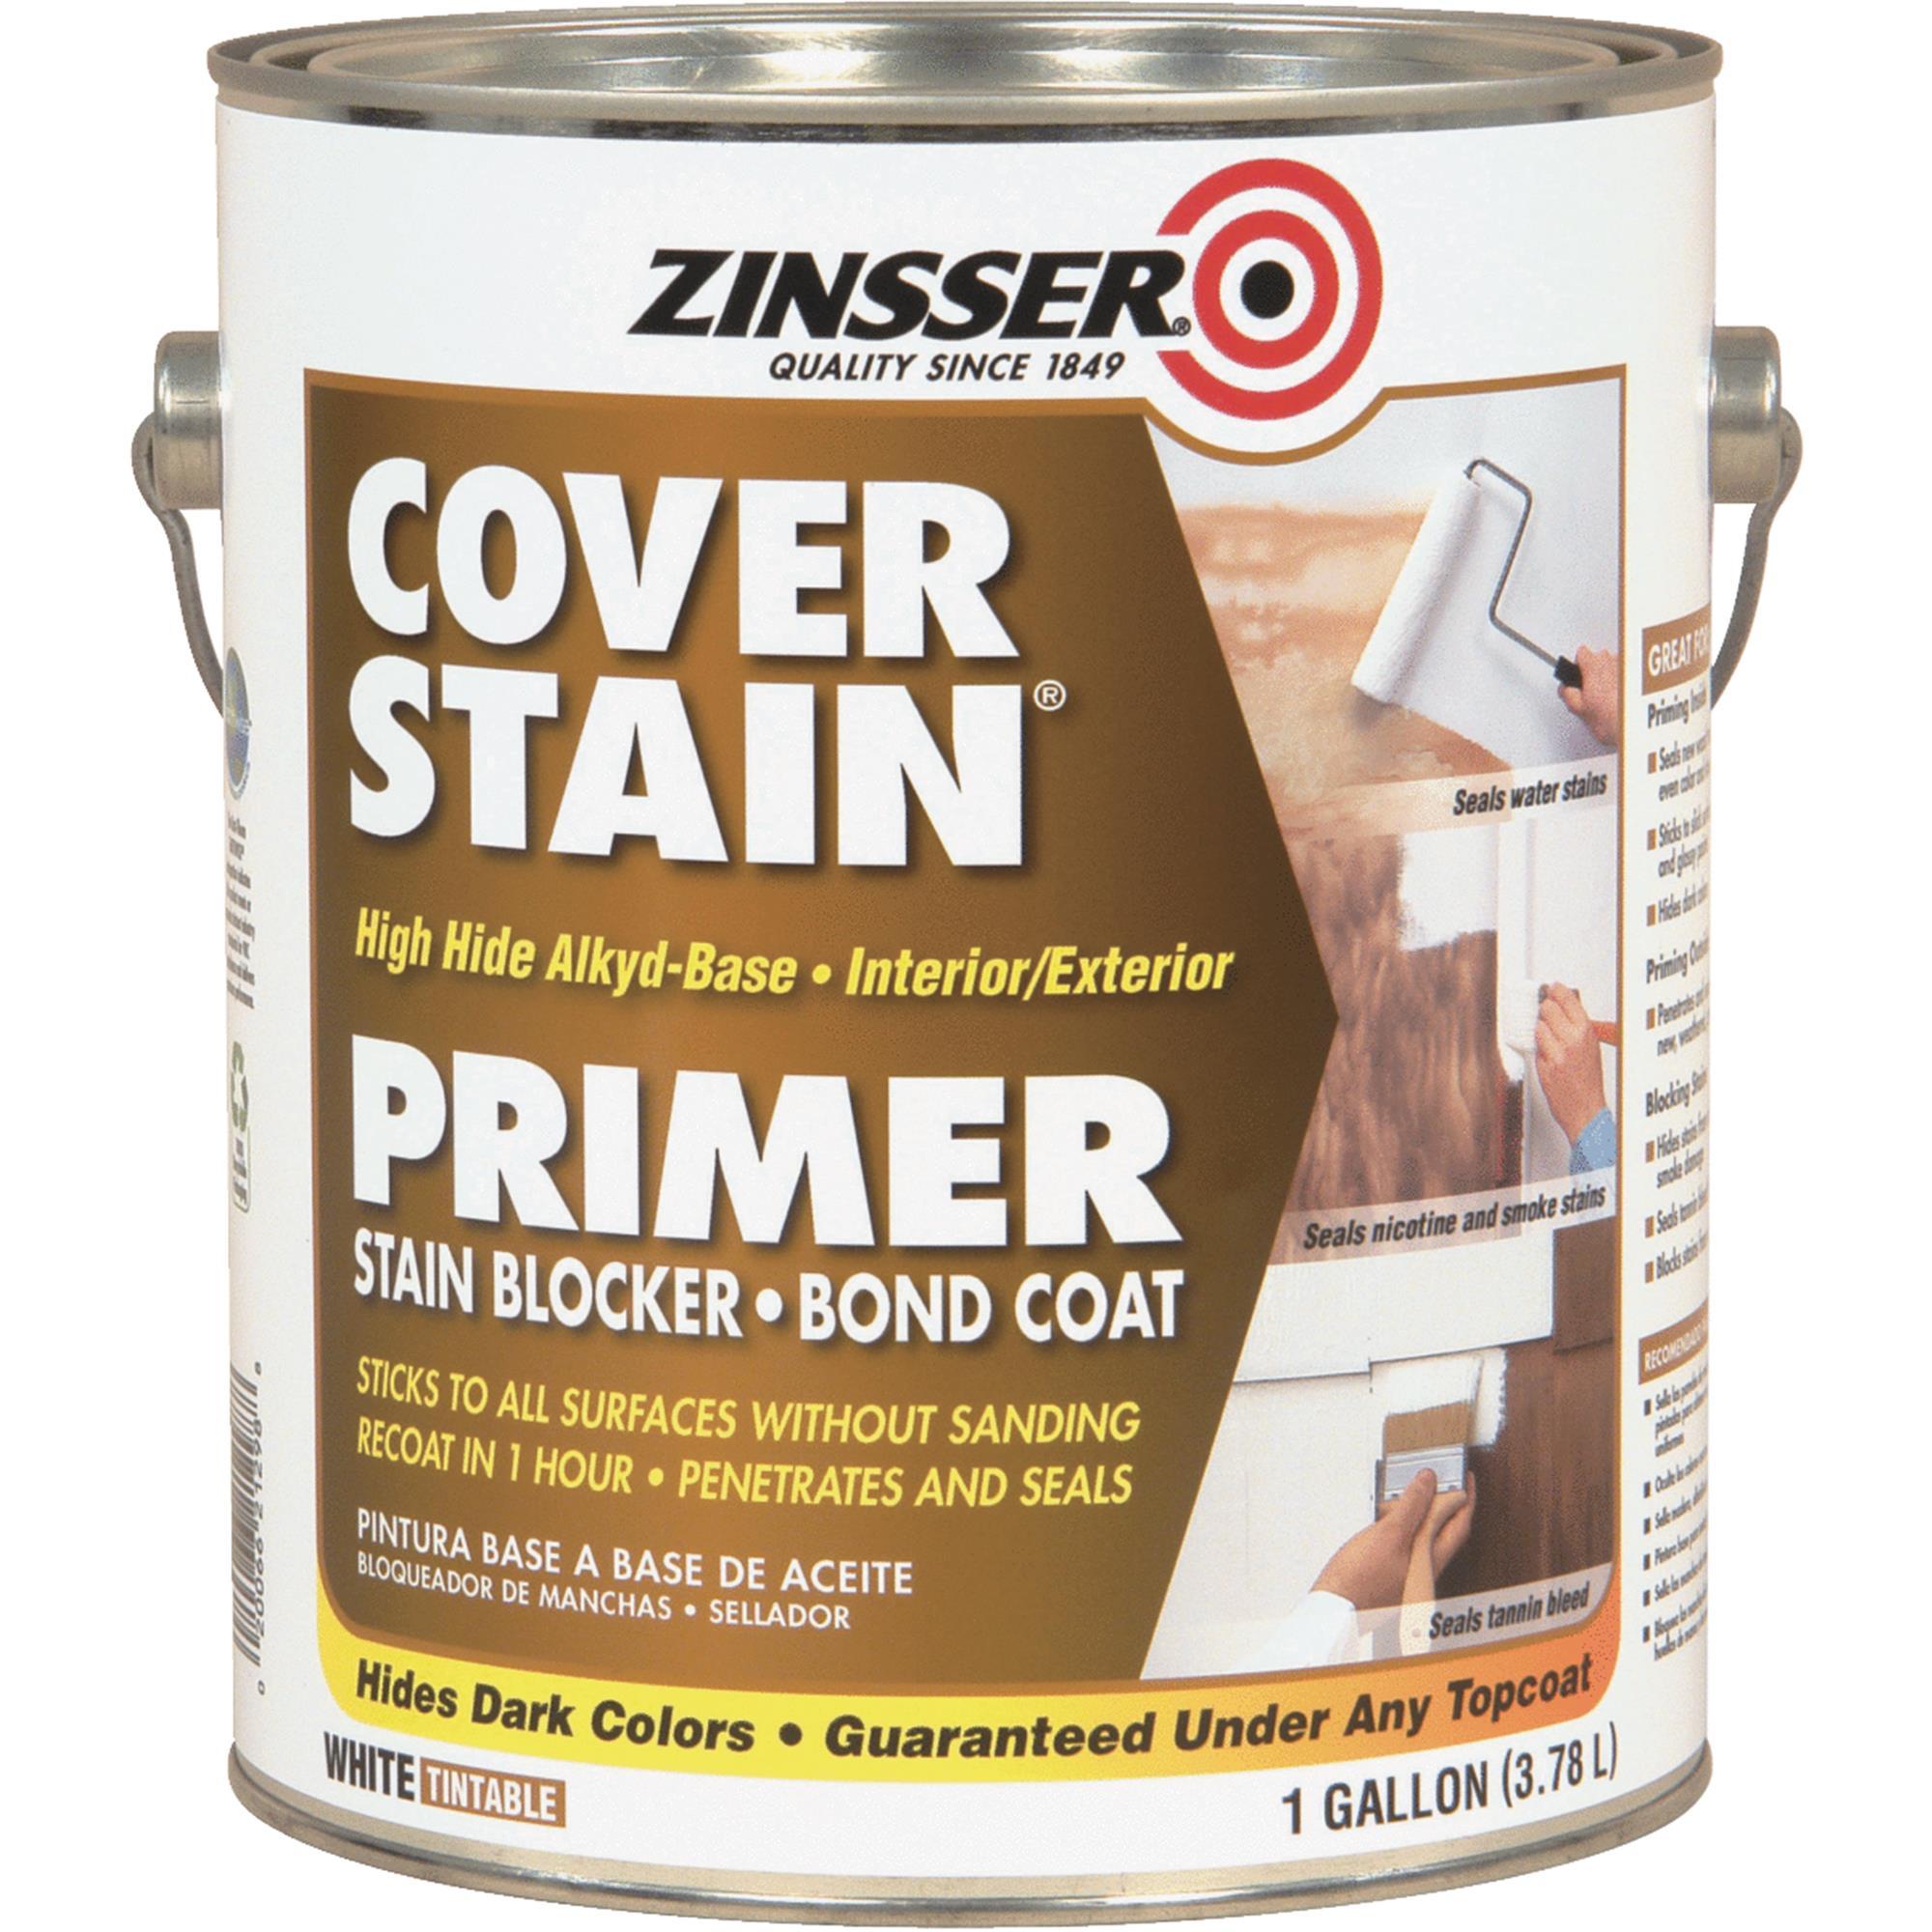 Zinsser Cover-Stain Low VOC High Hide Alkyd-Base Interior/Exterior Stain Blocker Primer